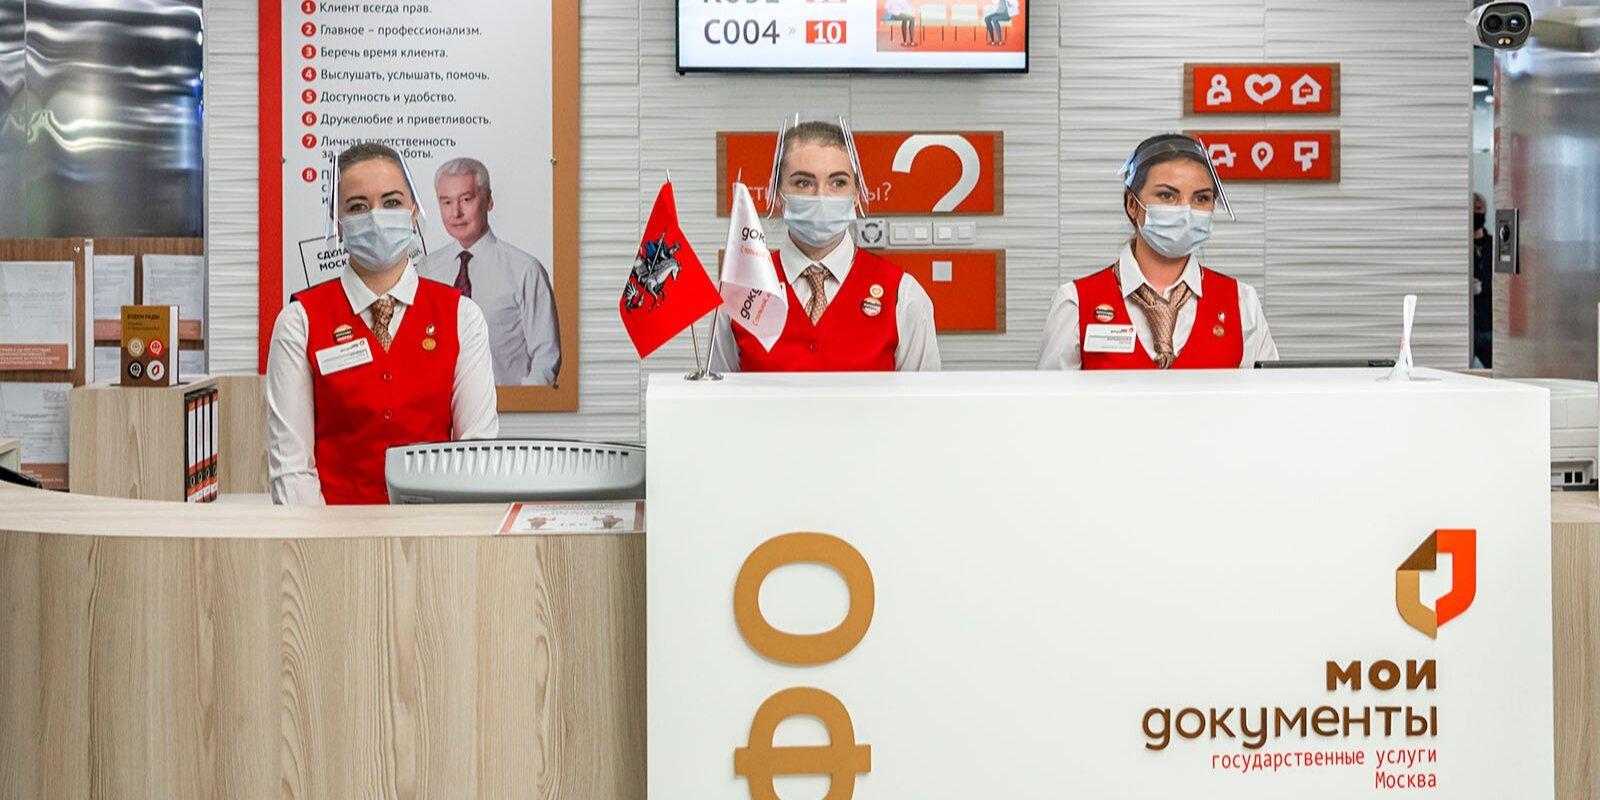 48 центров госуслуг в ТиНАО Москвы проводят регистрацию граждан